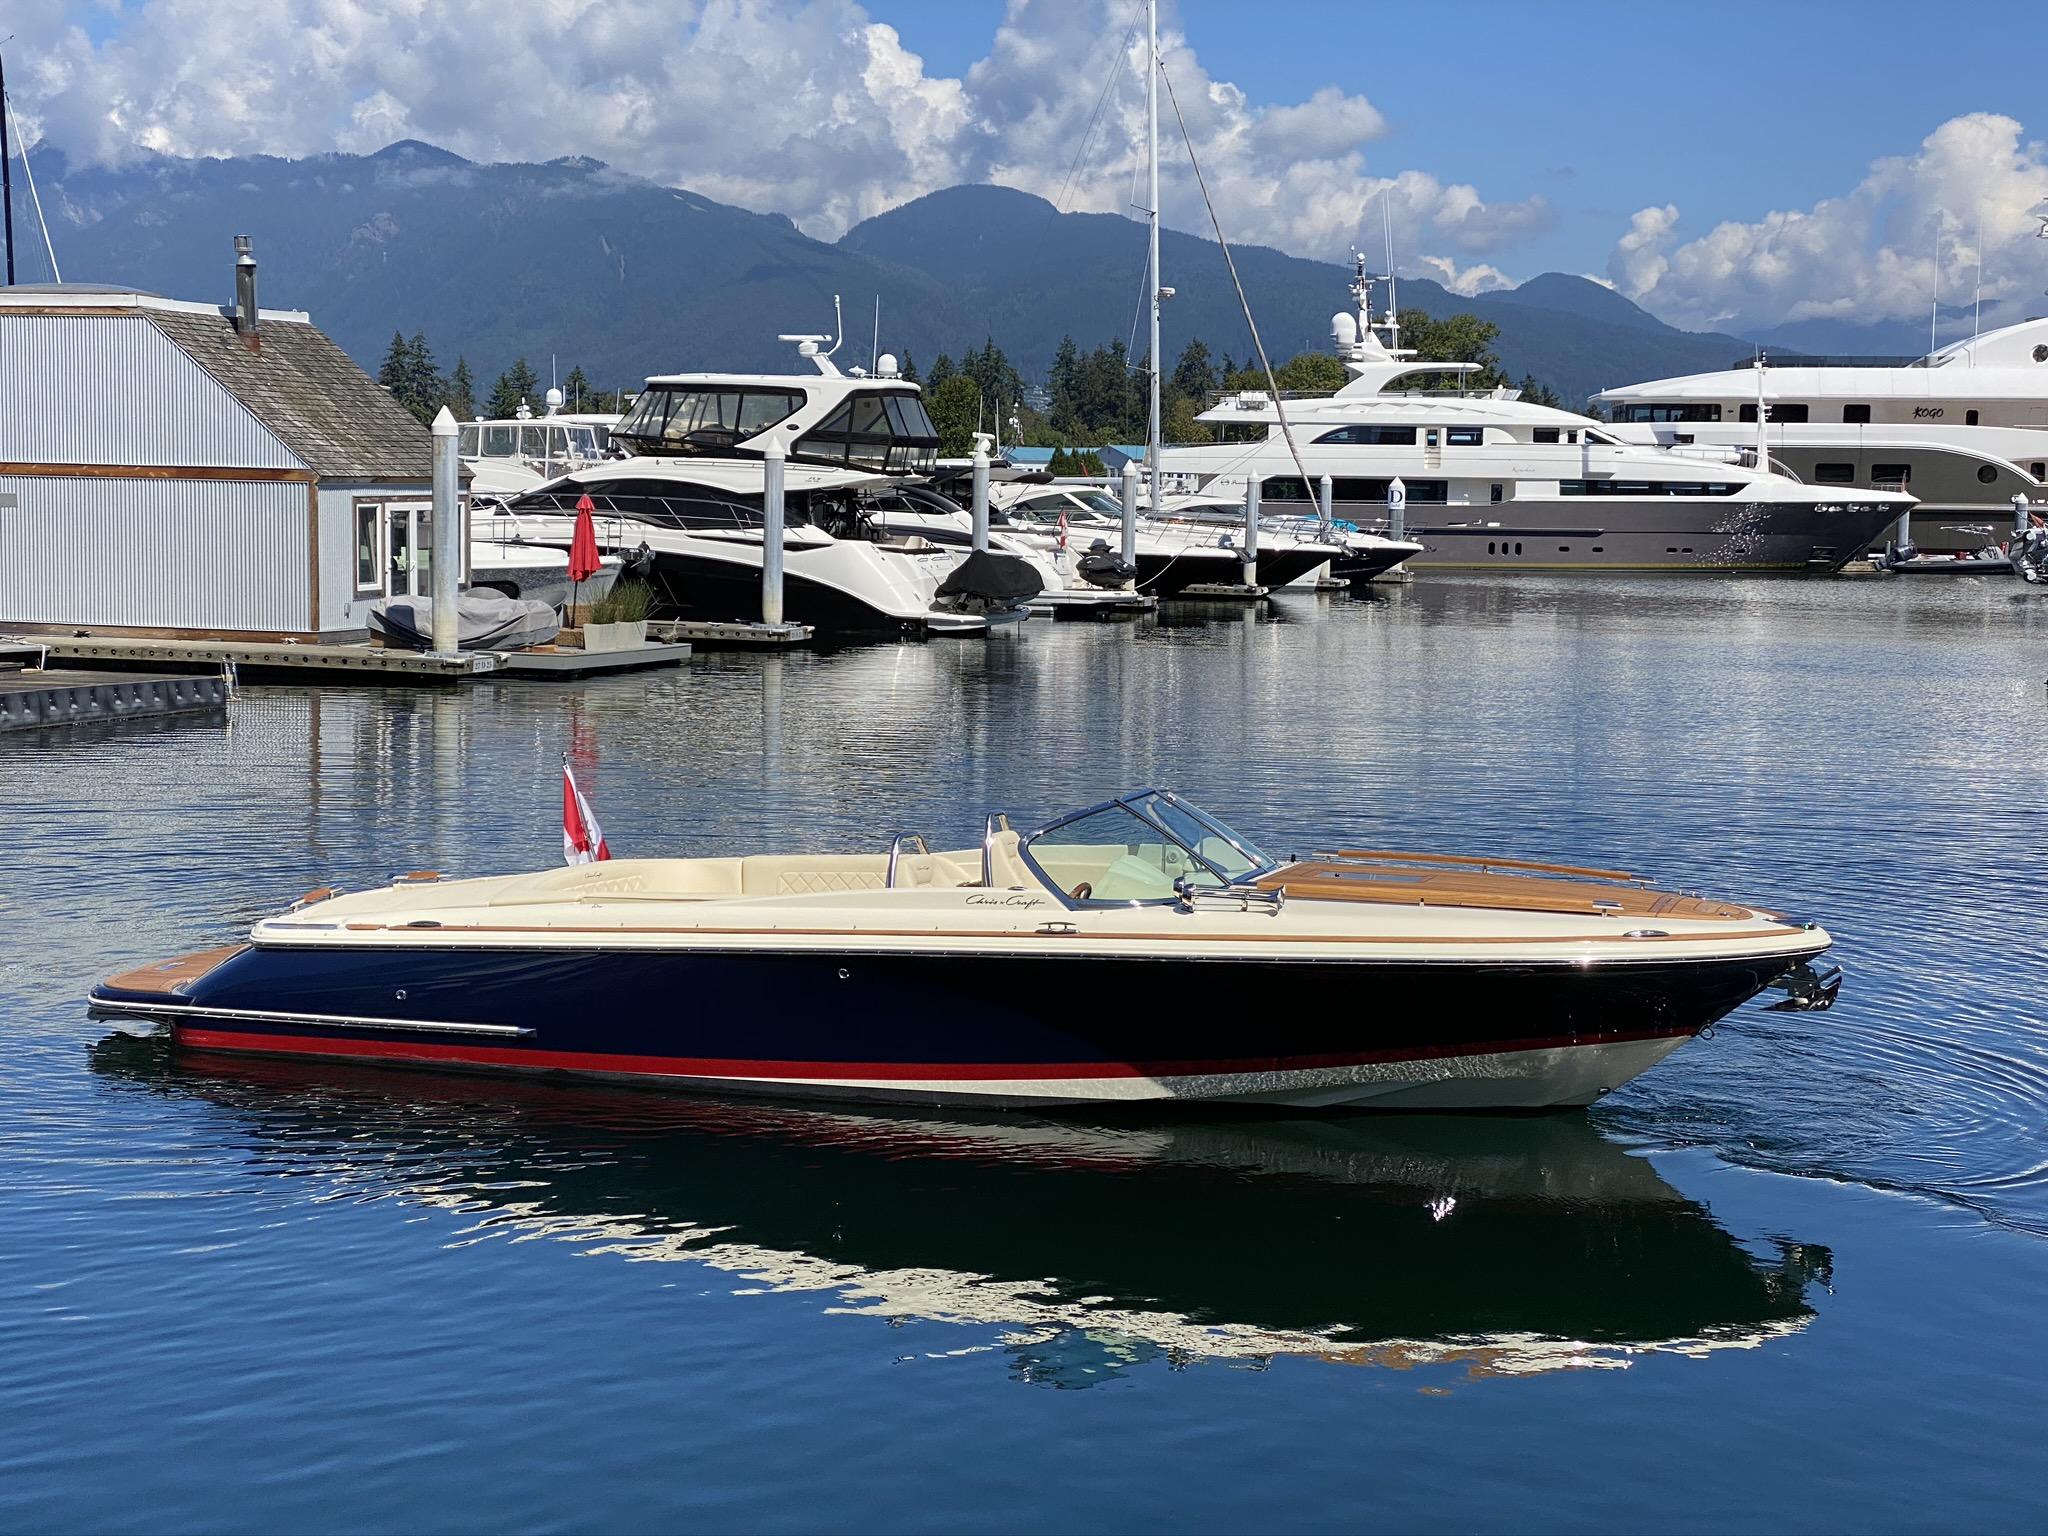 For Sale: 2020 Chris Craft Corsair 27 27ft<br/>M & P Yacht Centre At Coal Harbour